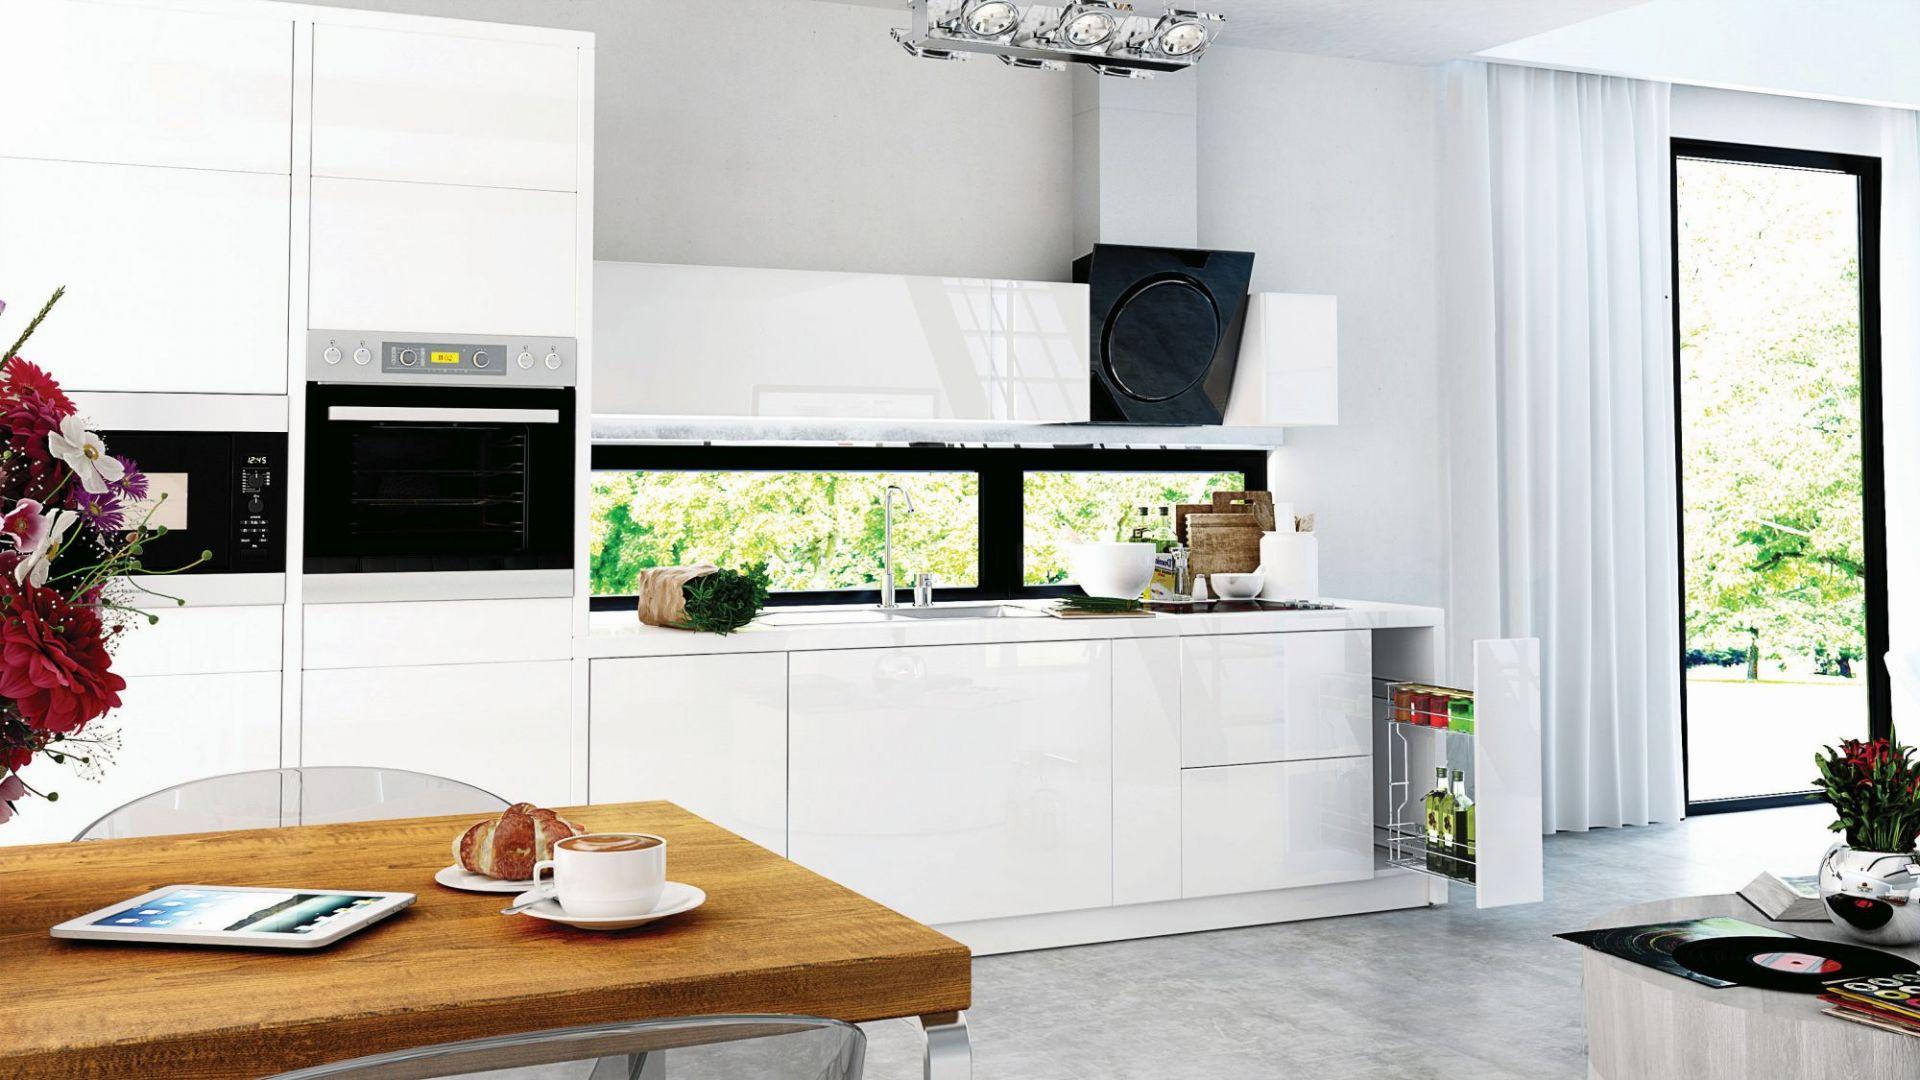 Porządek w kuchni: dobre miejsce na przyprawy. Fot. Rejs